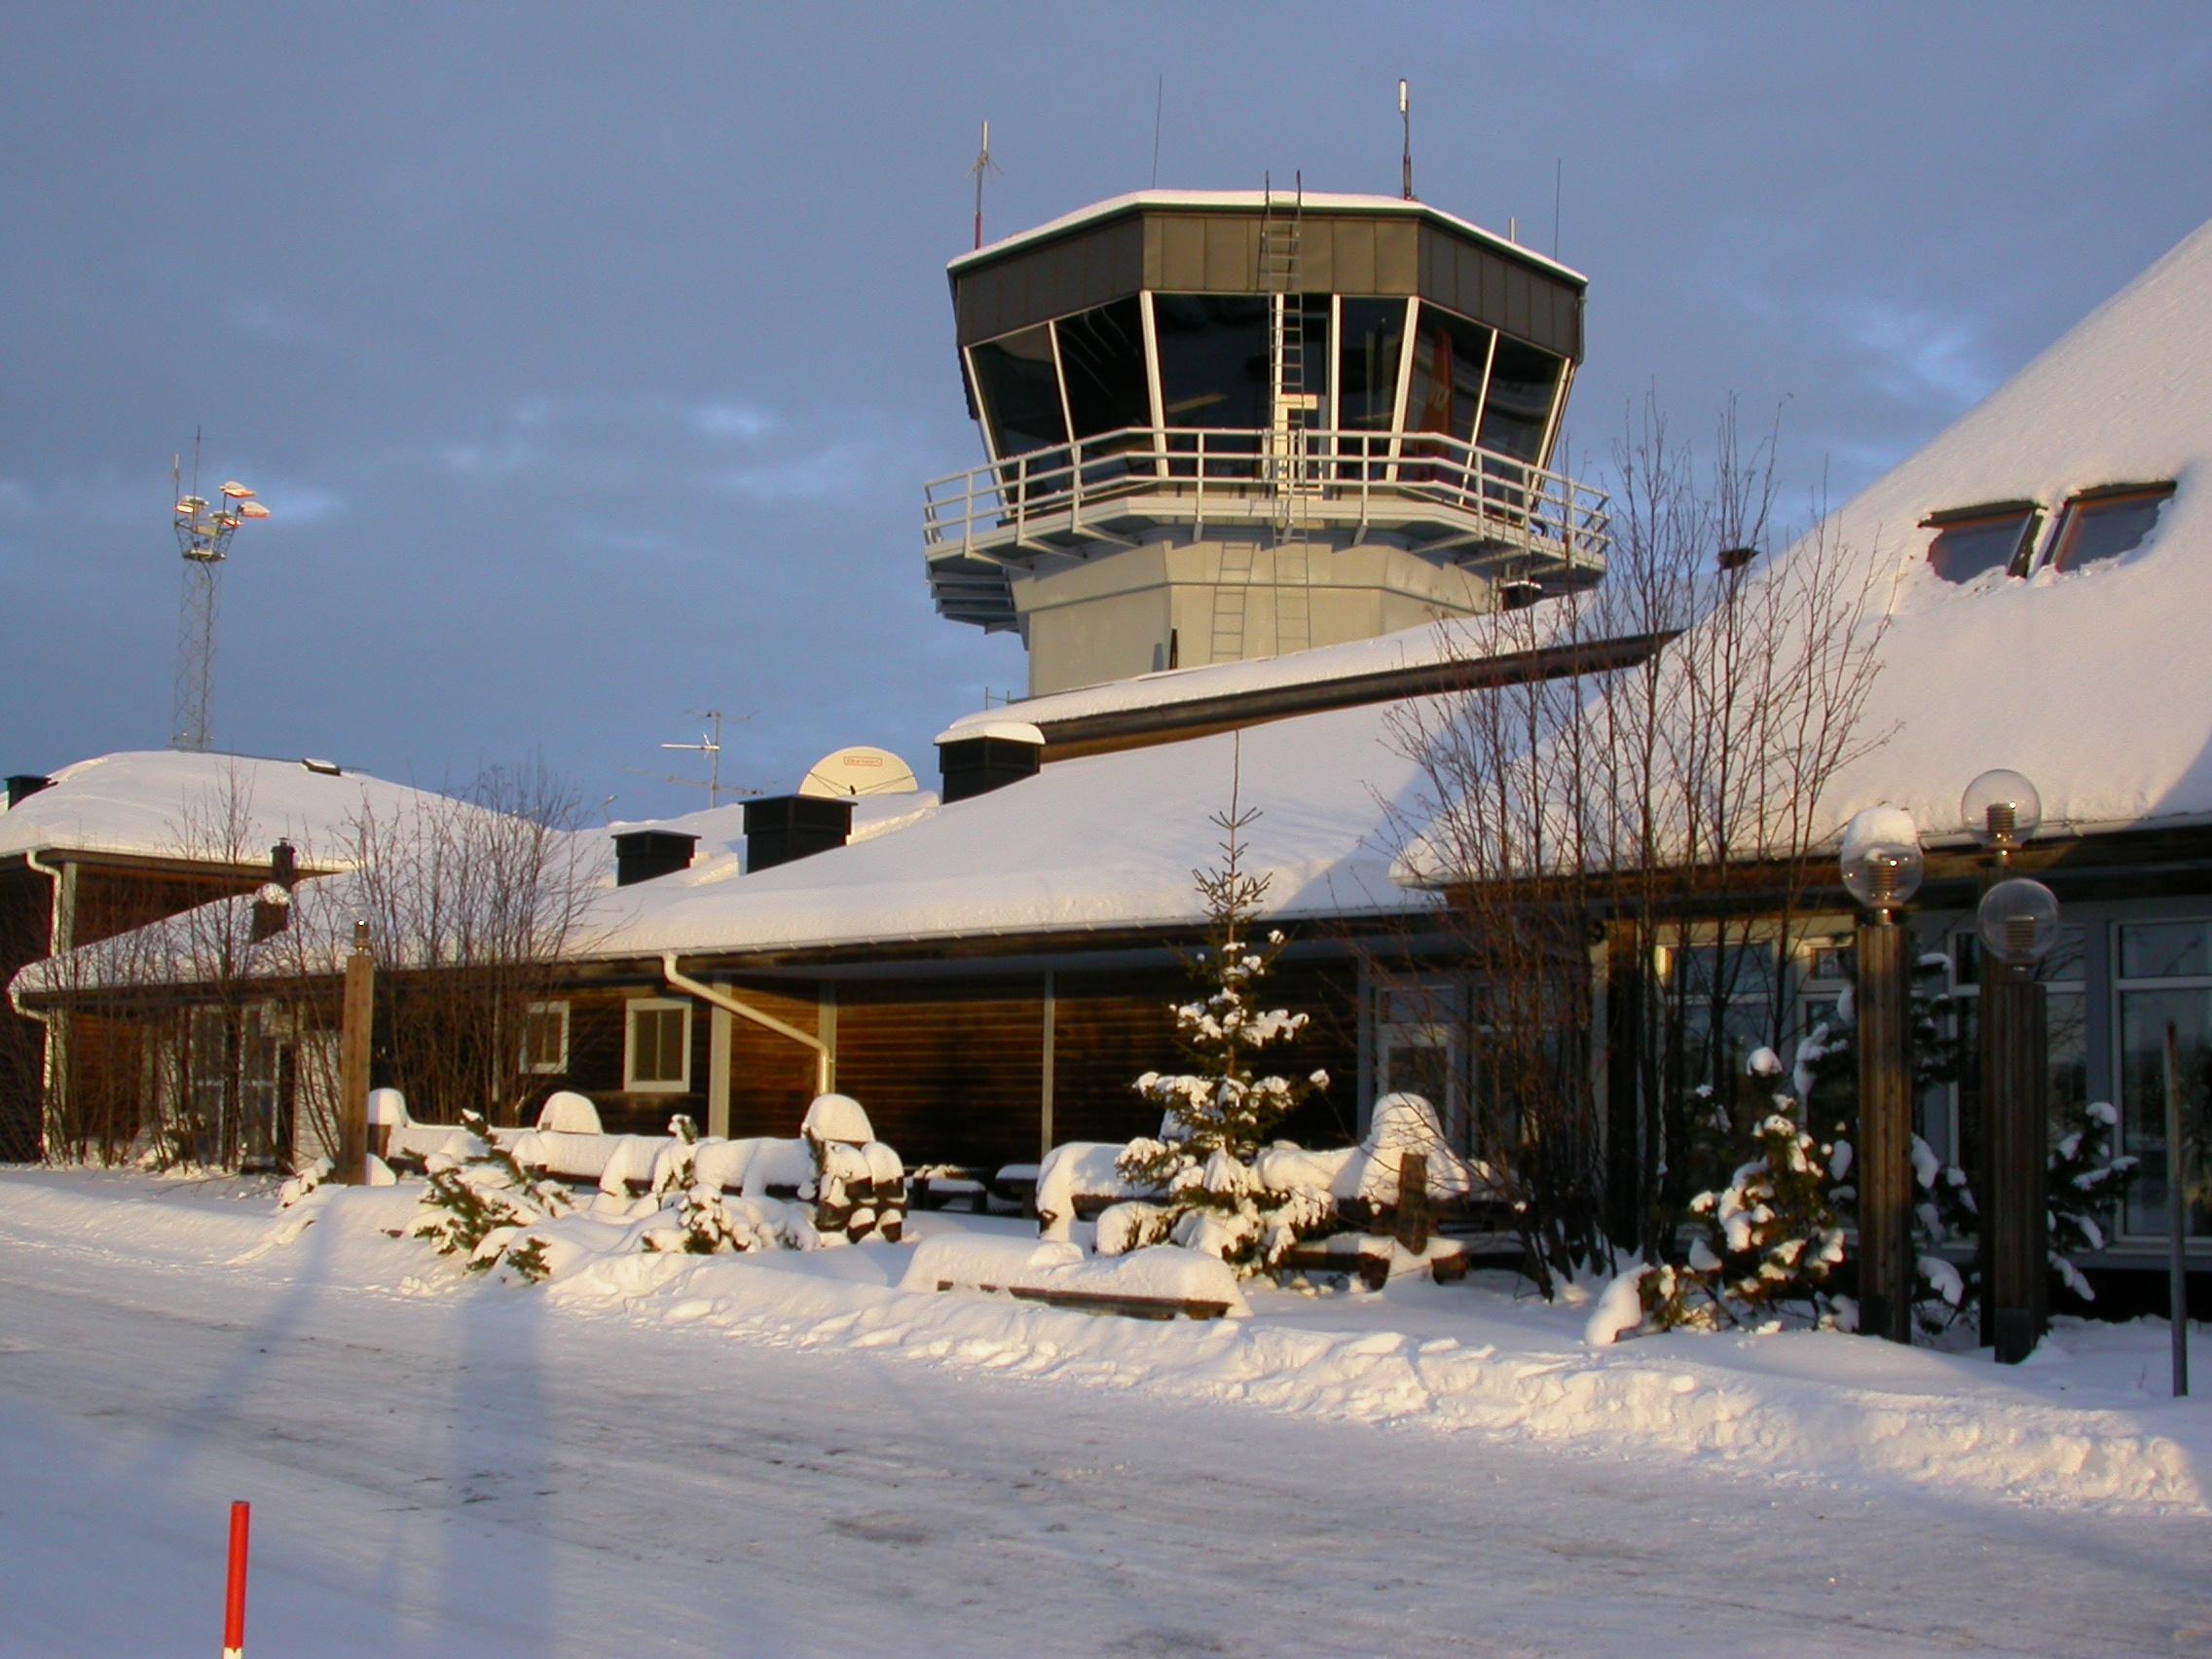 Bildresultat för arvidsjaur flygplats